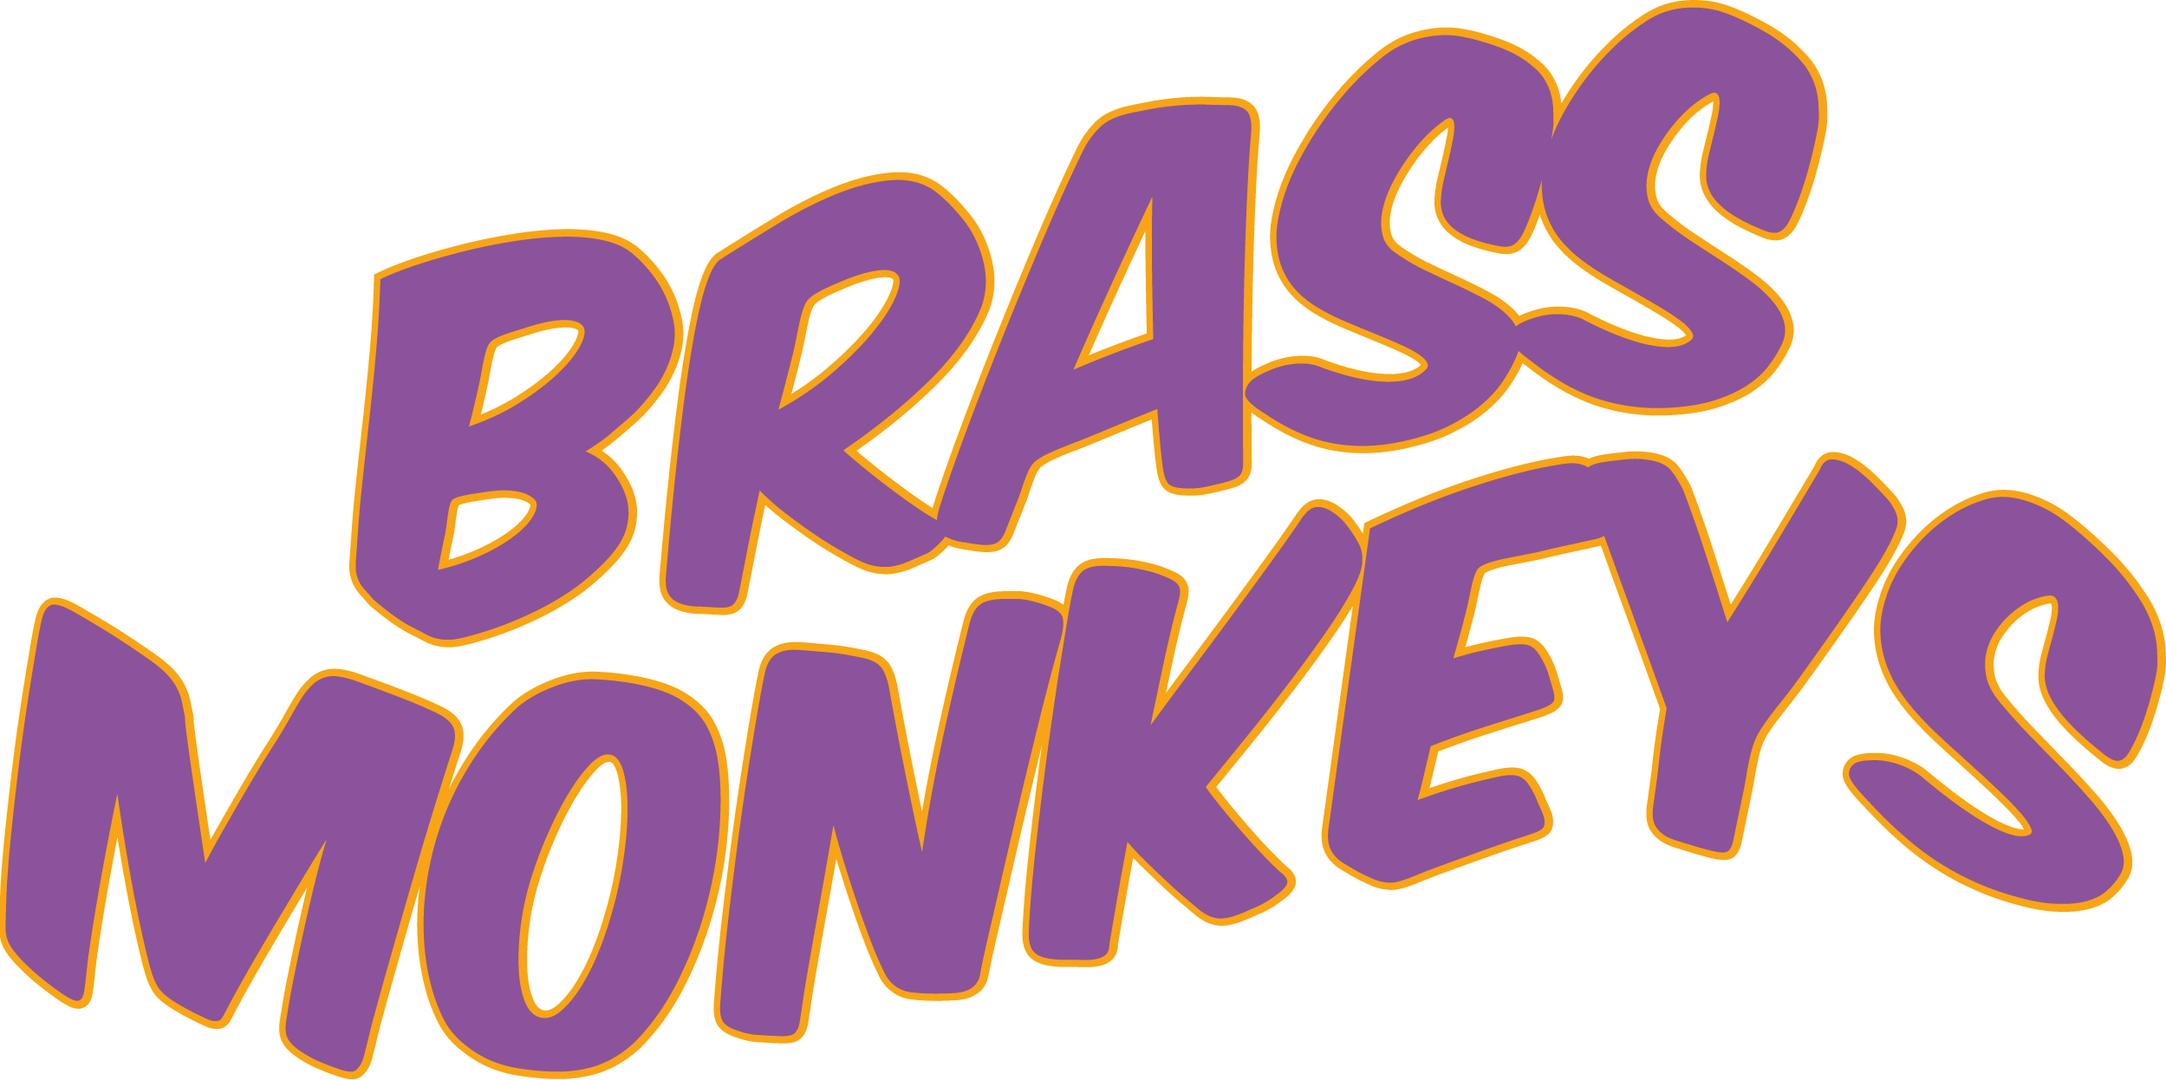 BrassMonkeys_colour-on-white.png